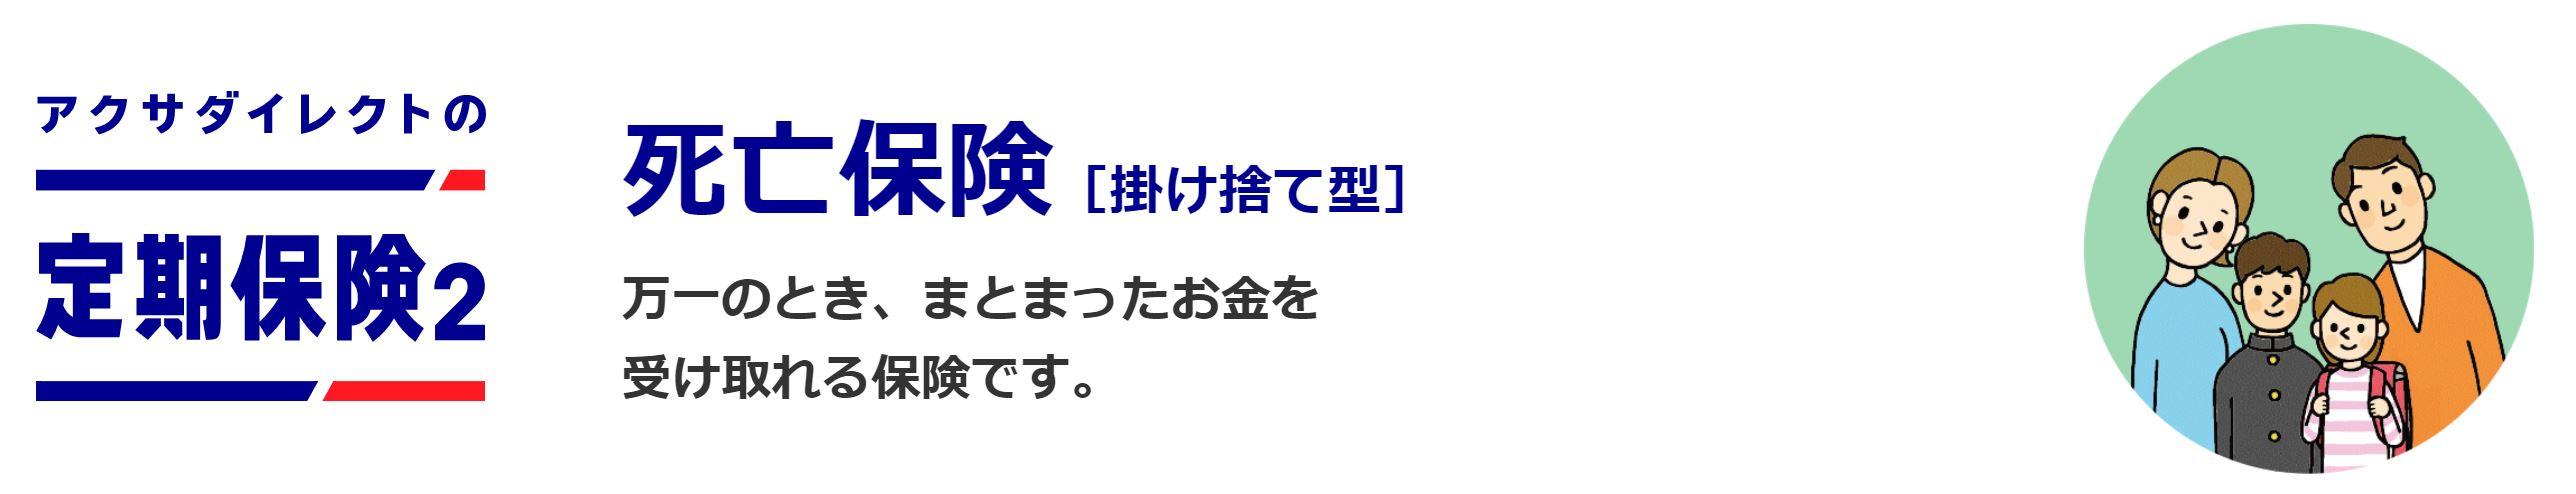 死亡保険_おすすめ_アクサ